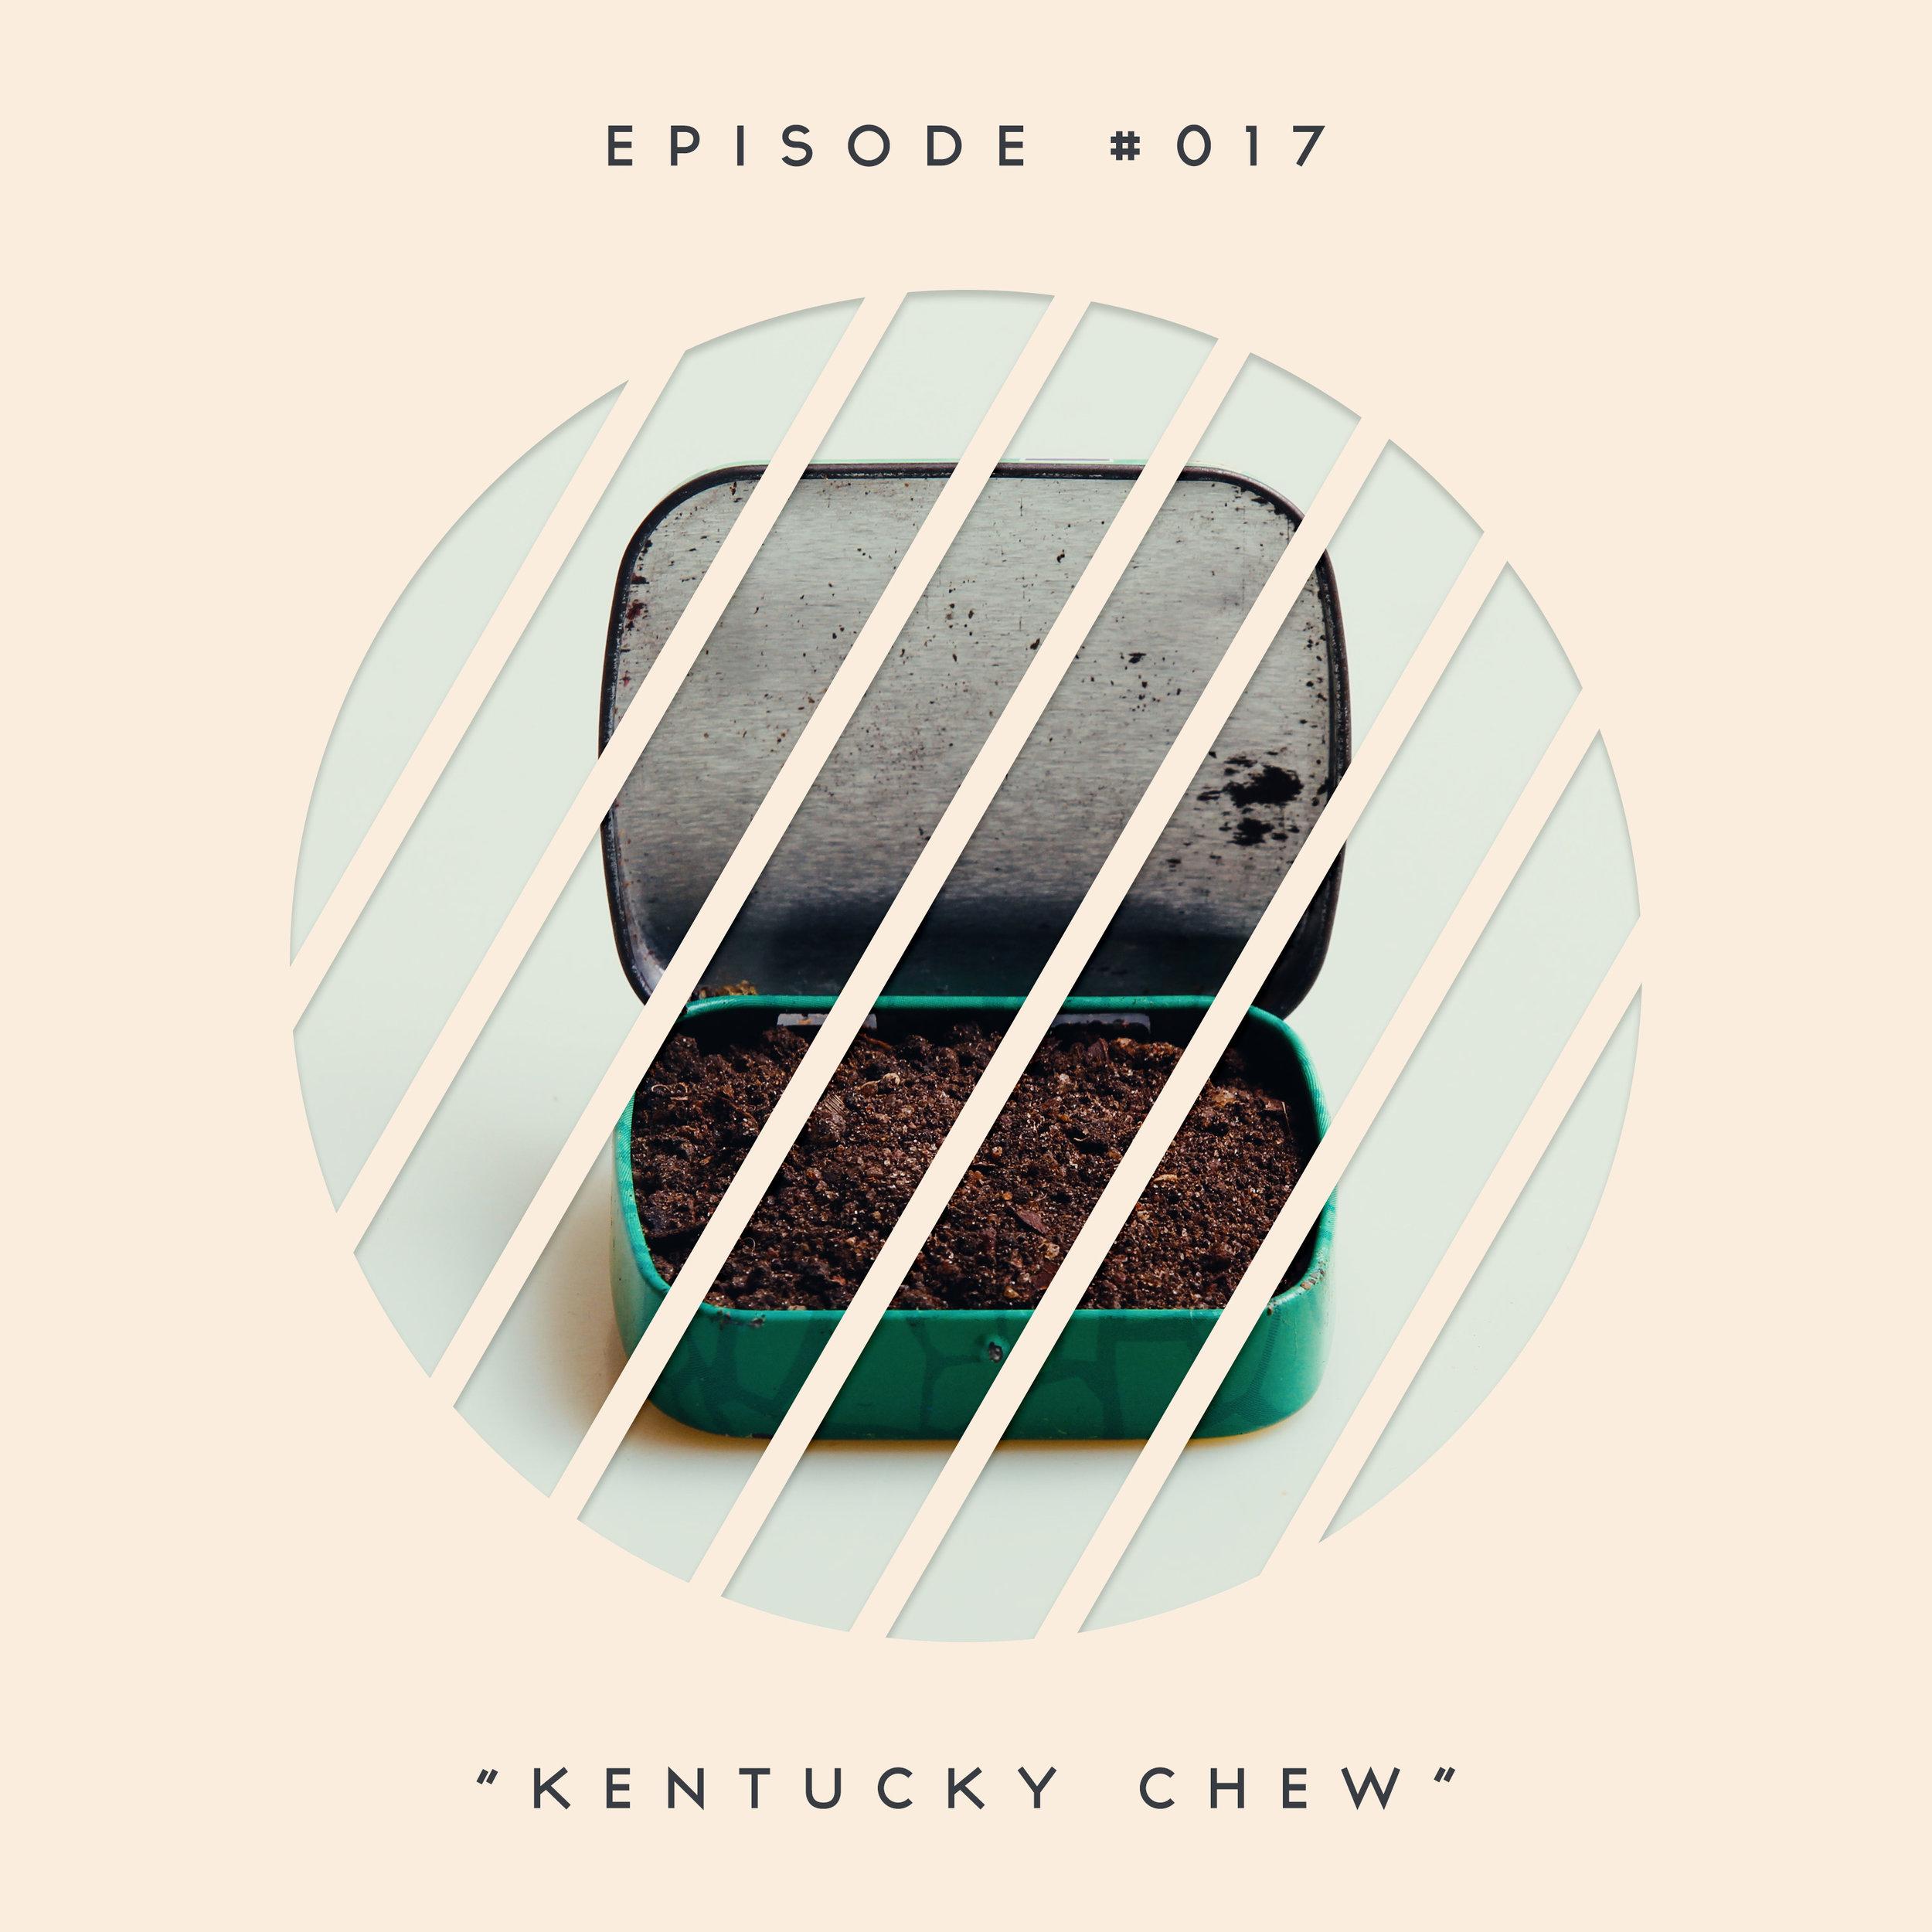 Kentucky-Chew.jpg